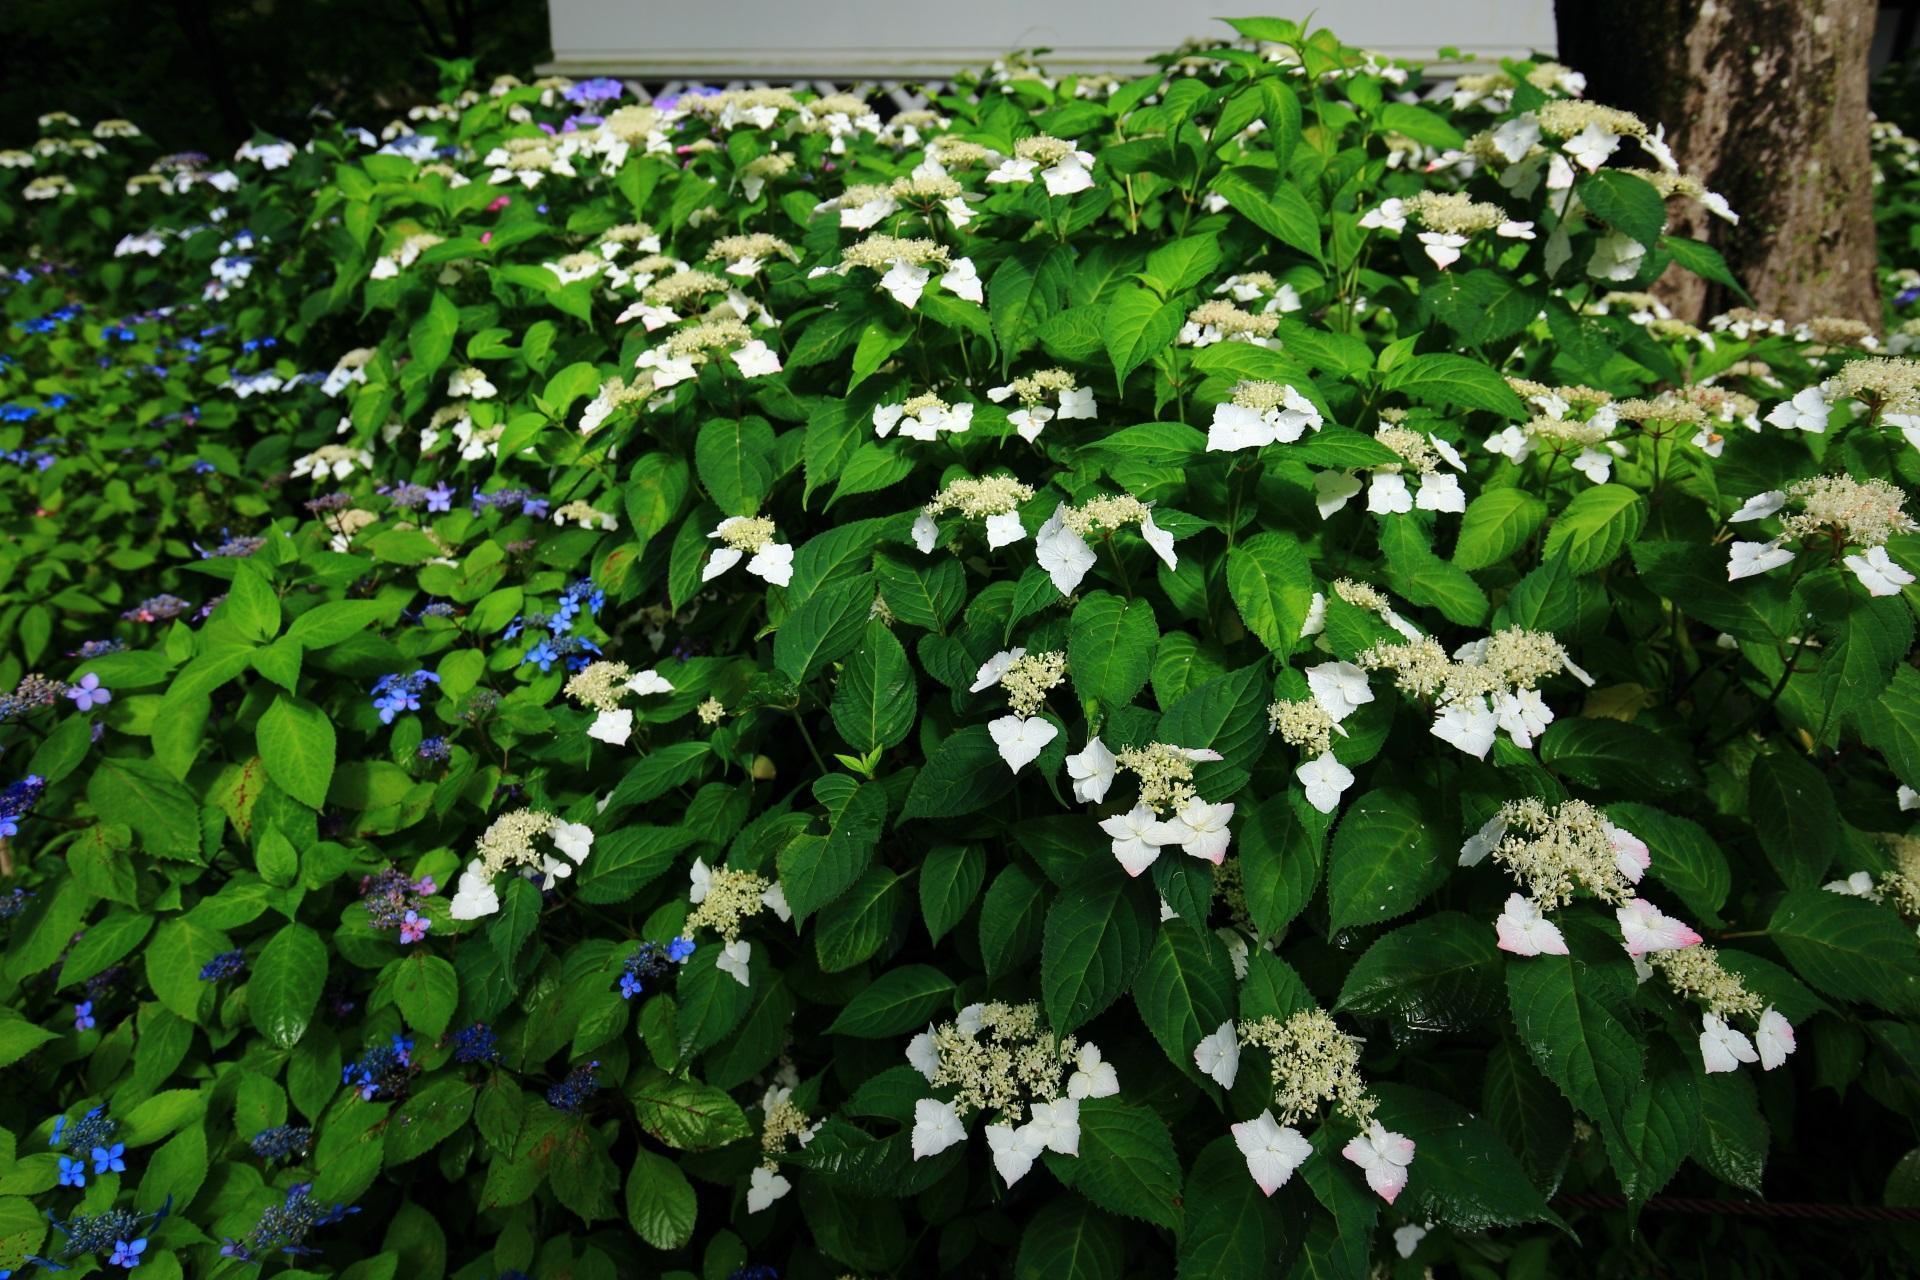 深い緑に映える真如堂の華やかな白い額紫陽花